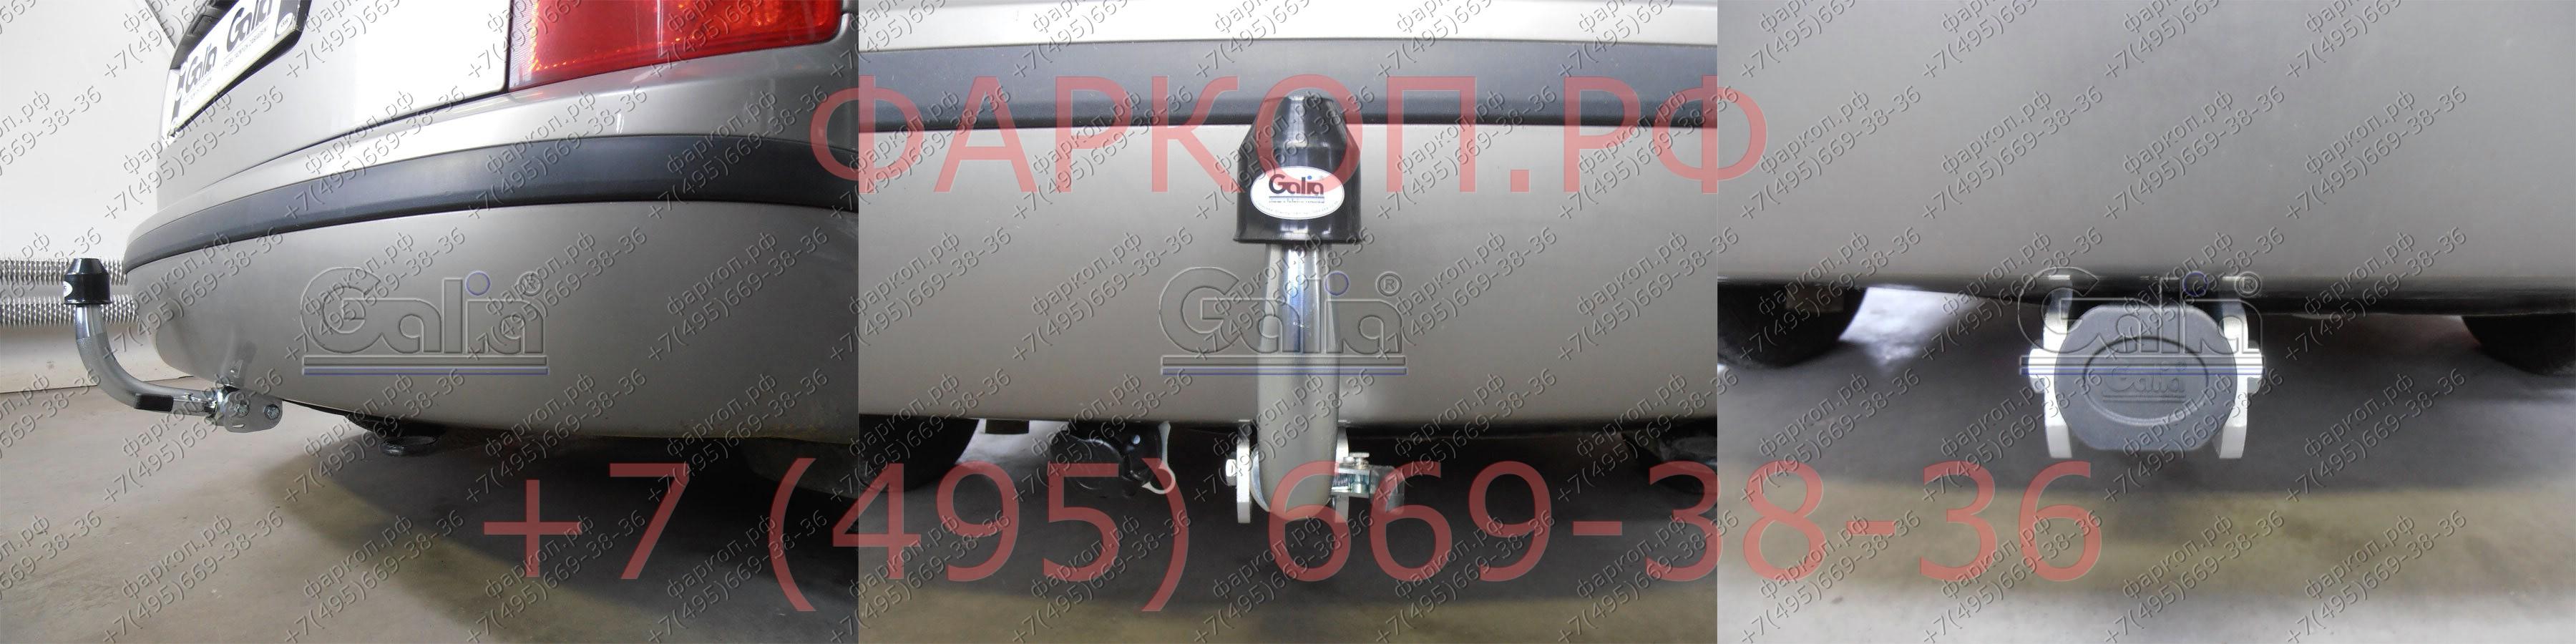 2 - Установка фapкoпов на аавтомобили, примеры работ с 995